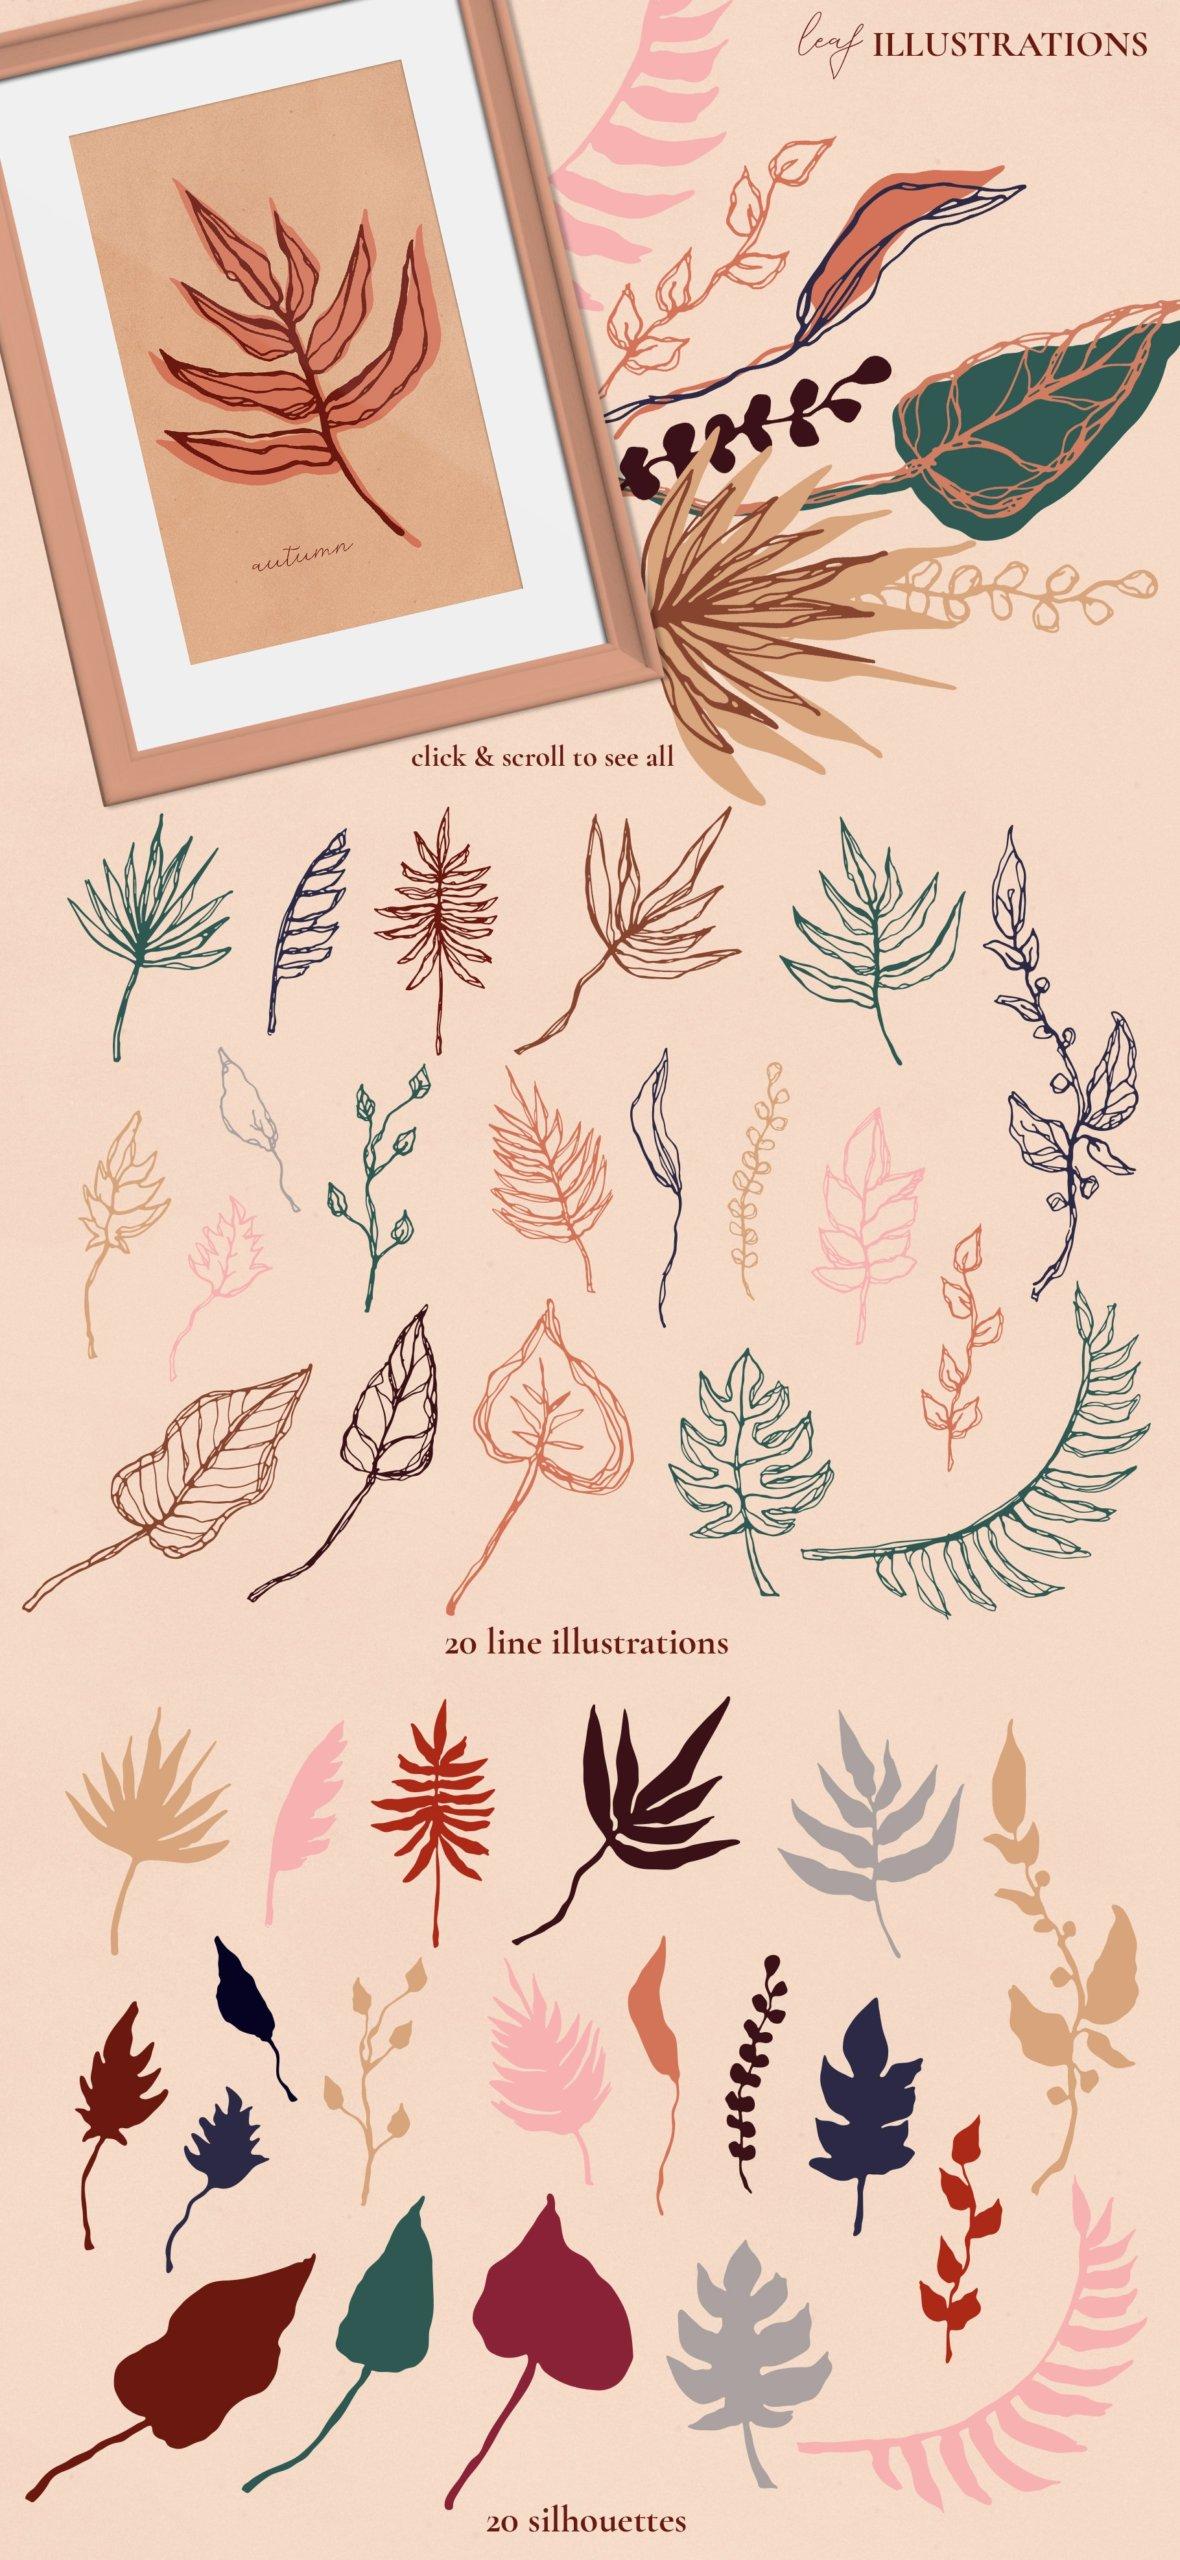 [单独购买] 现代优雅抽象花卉图形艺术线条金色箔纸设计套件 Abstract Line Art Design Kit插图9